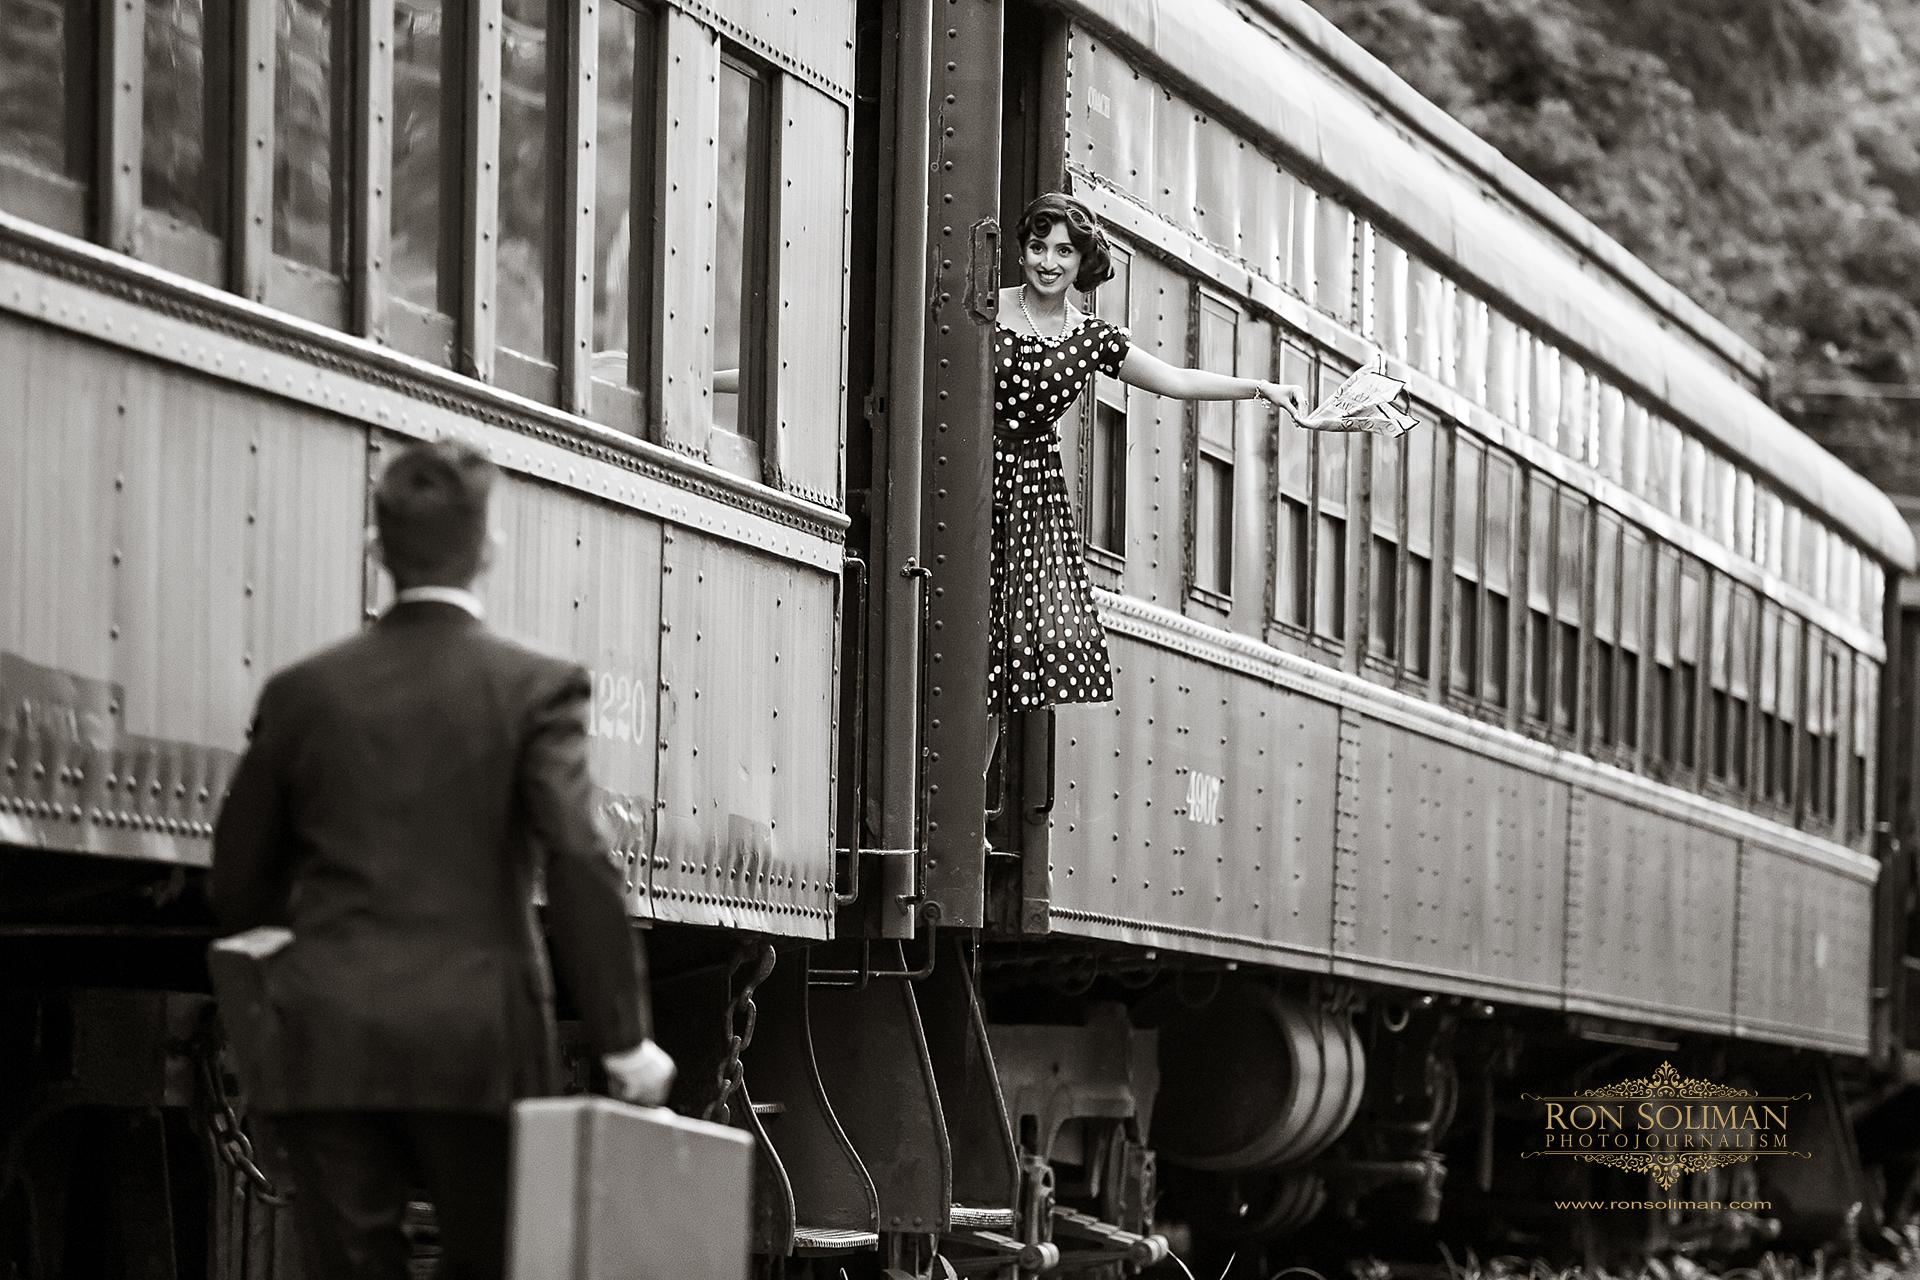 VINTAGE TRAIN ENGAGEMENT PHOTO